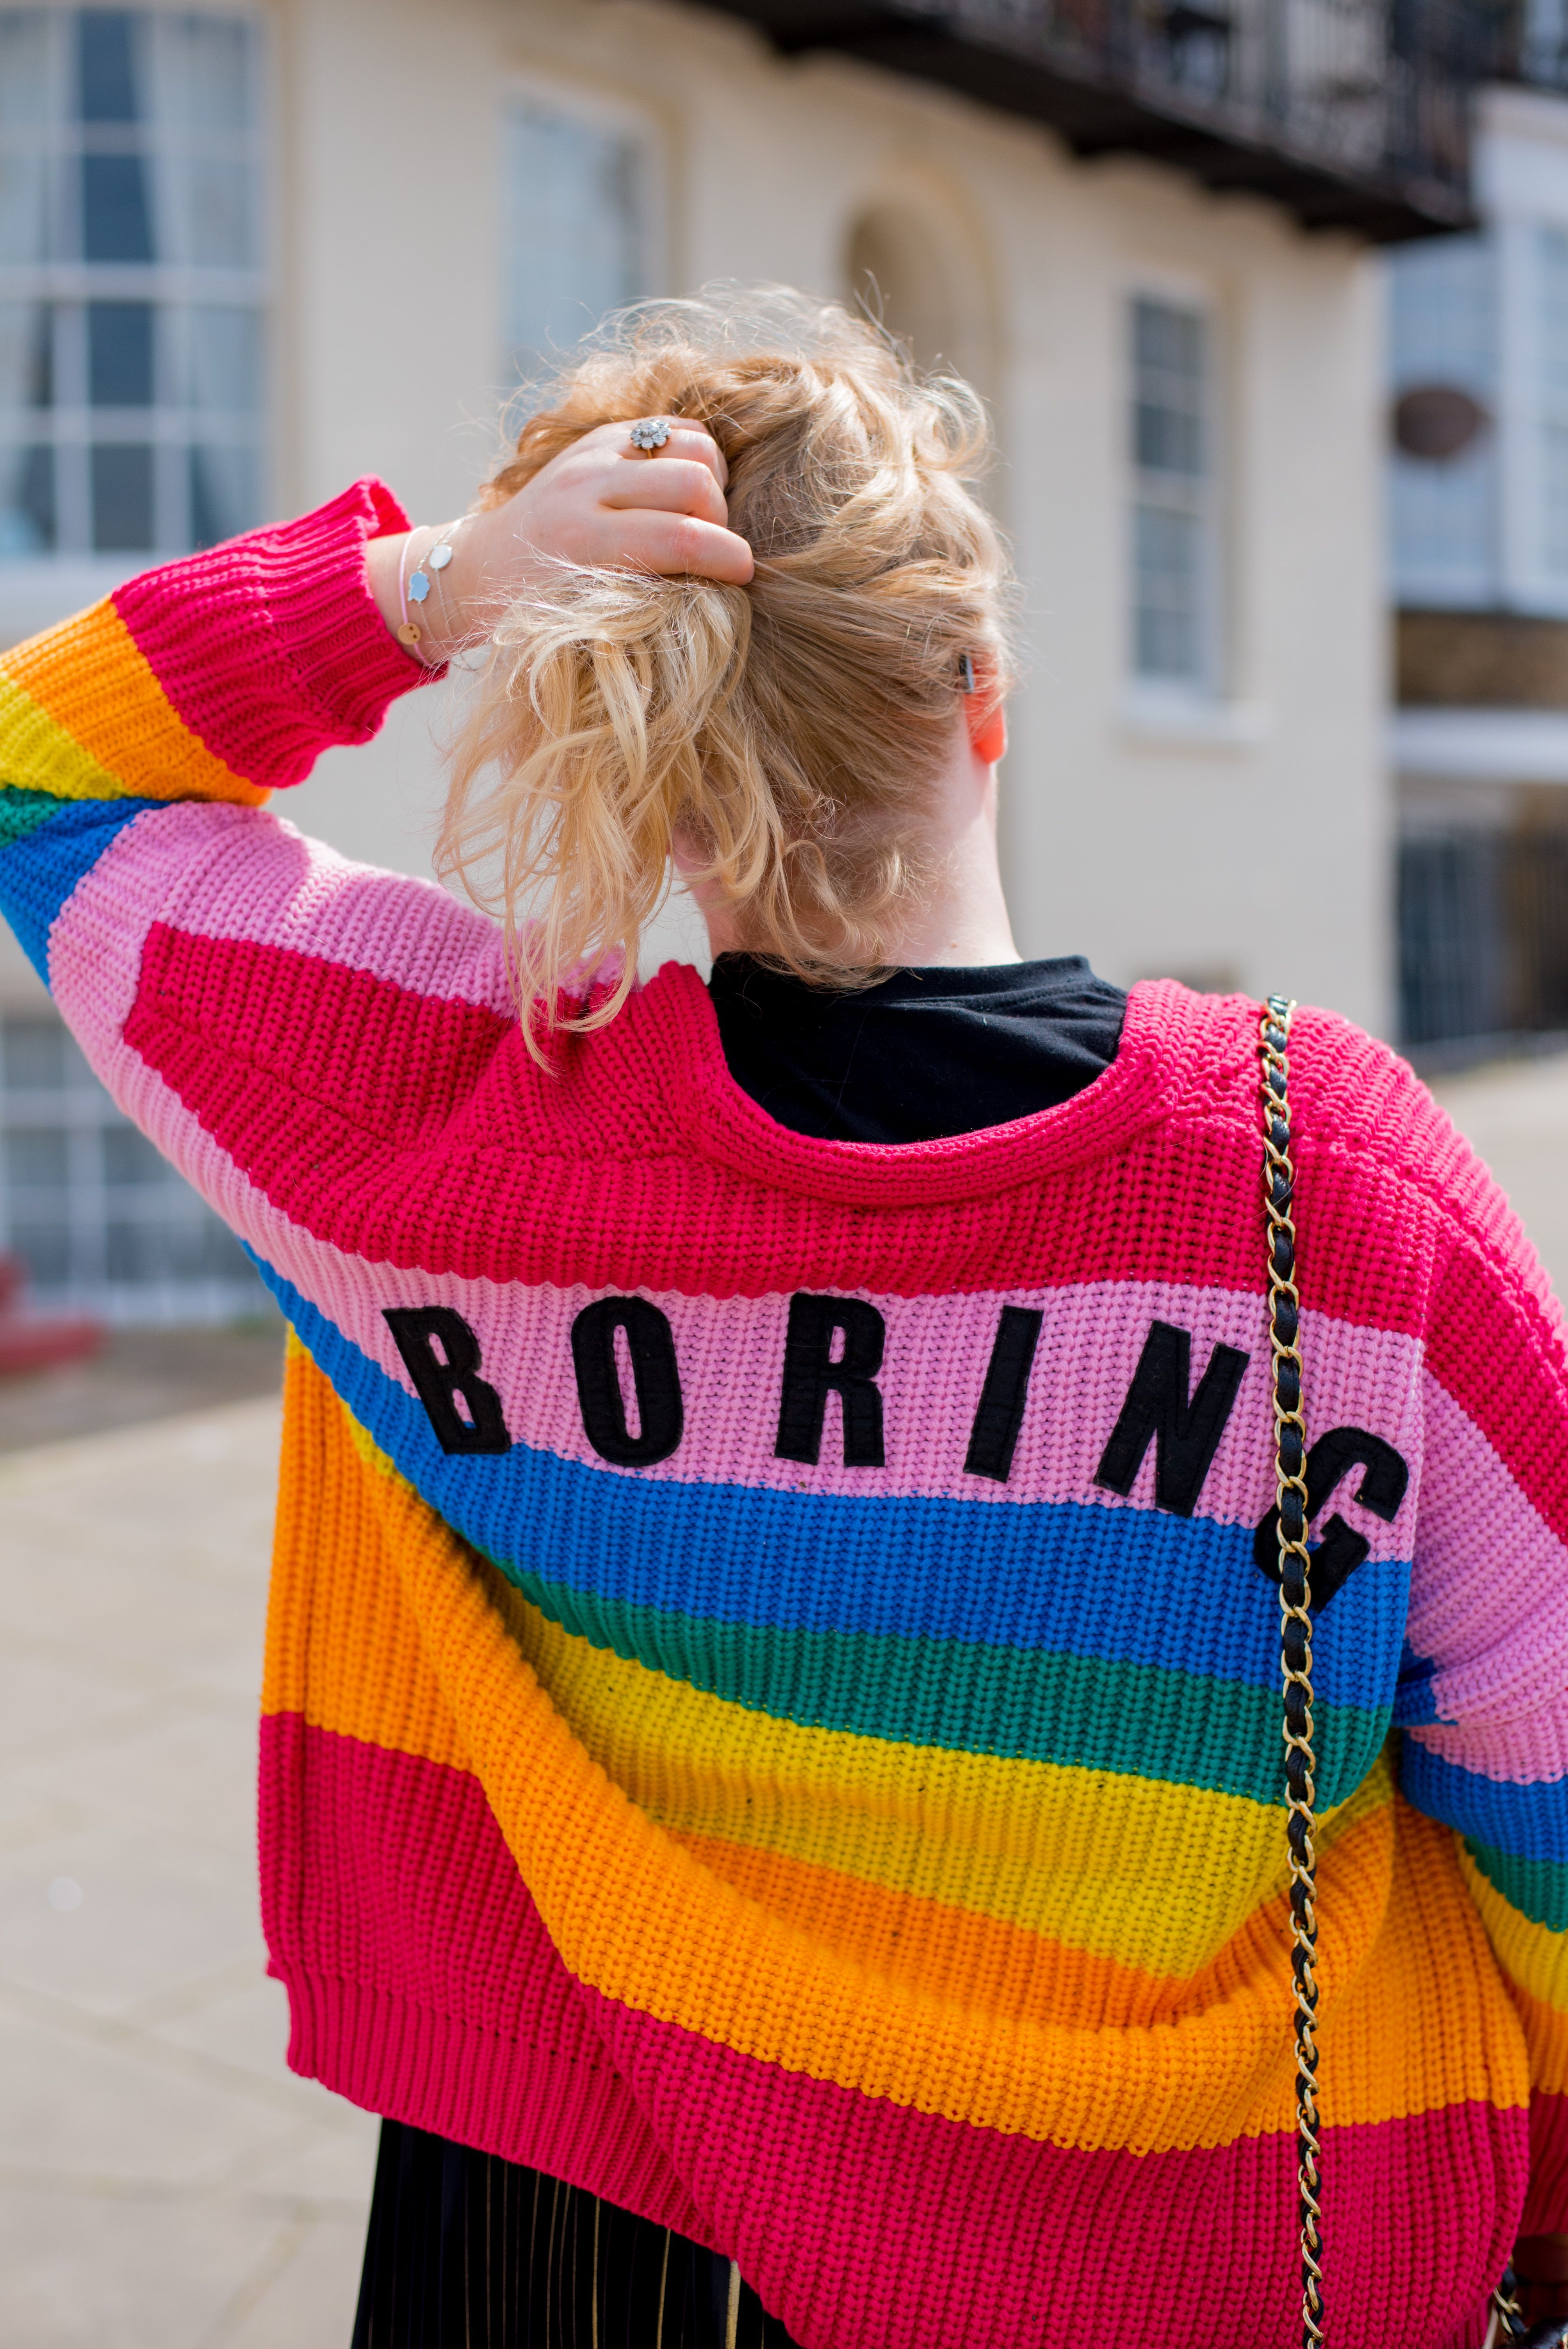 Lazy Oaf Rainbow Cardigan Must Do In 2018 Pinterest Fashion